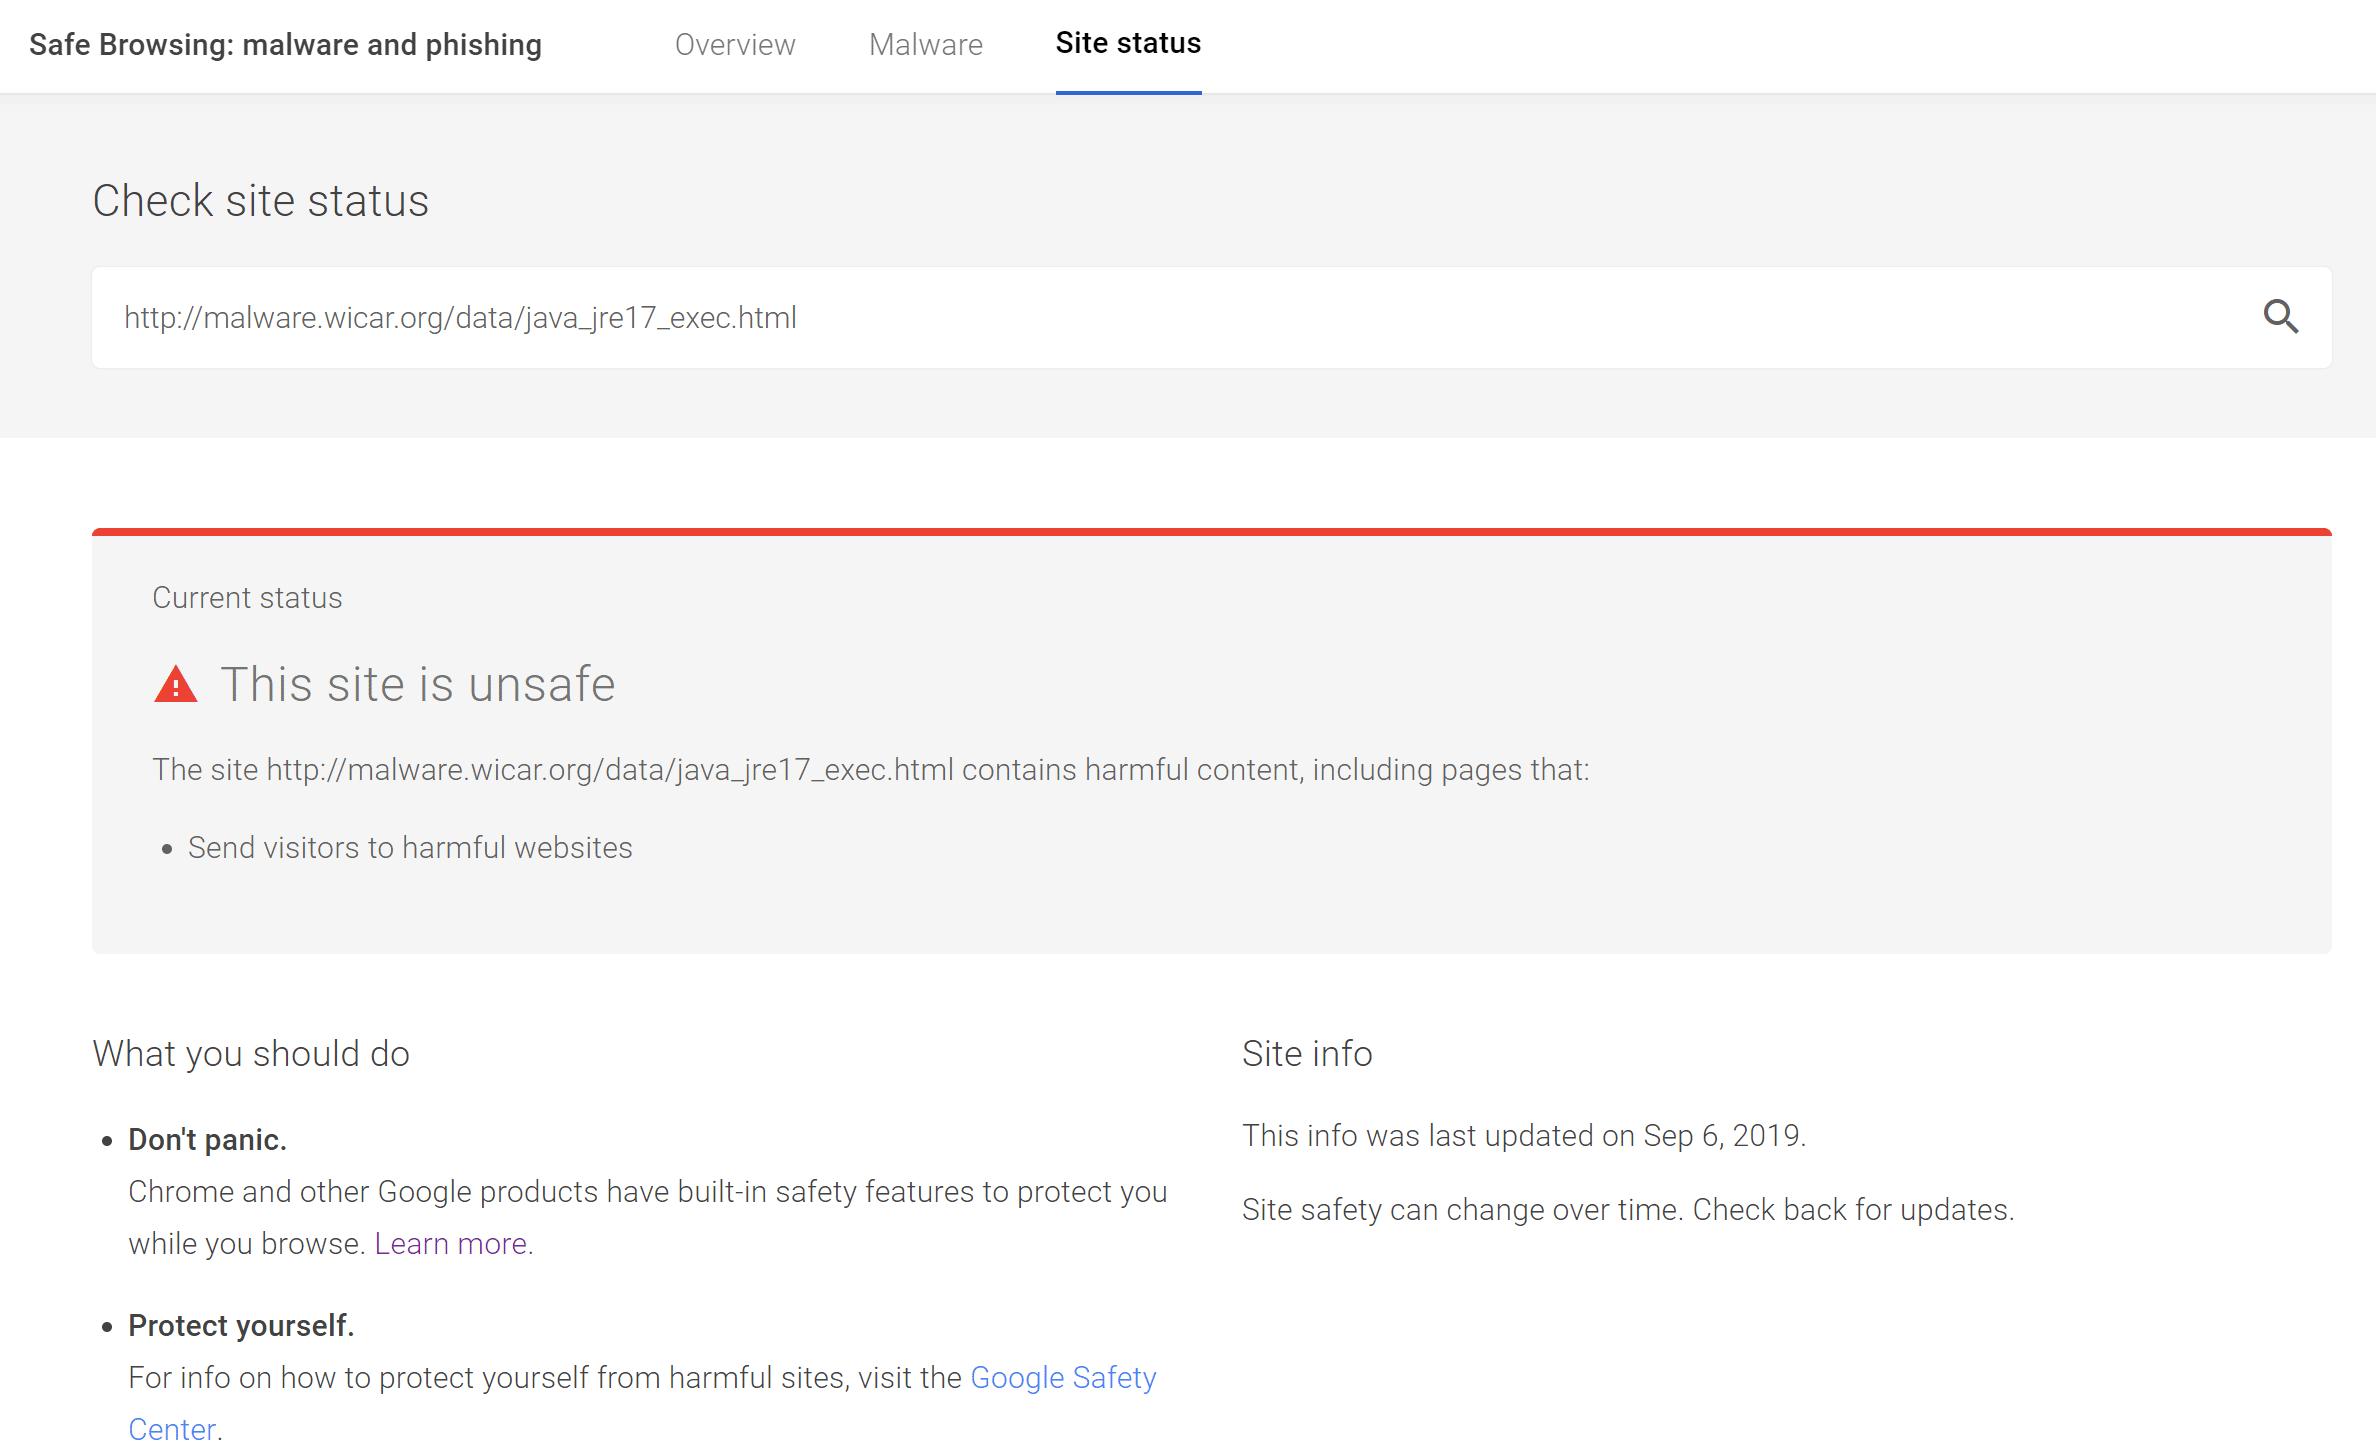 Résultats de l'outil Google Safe Browsing